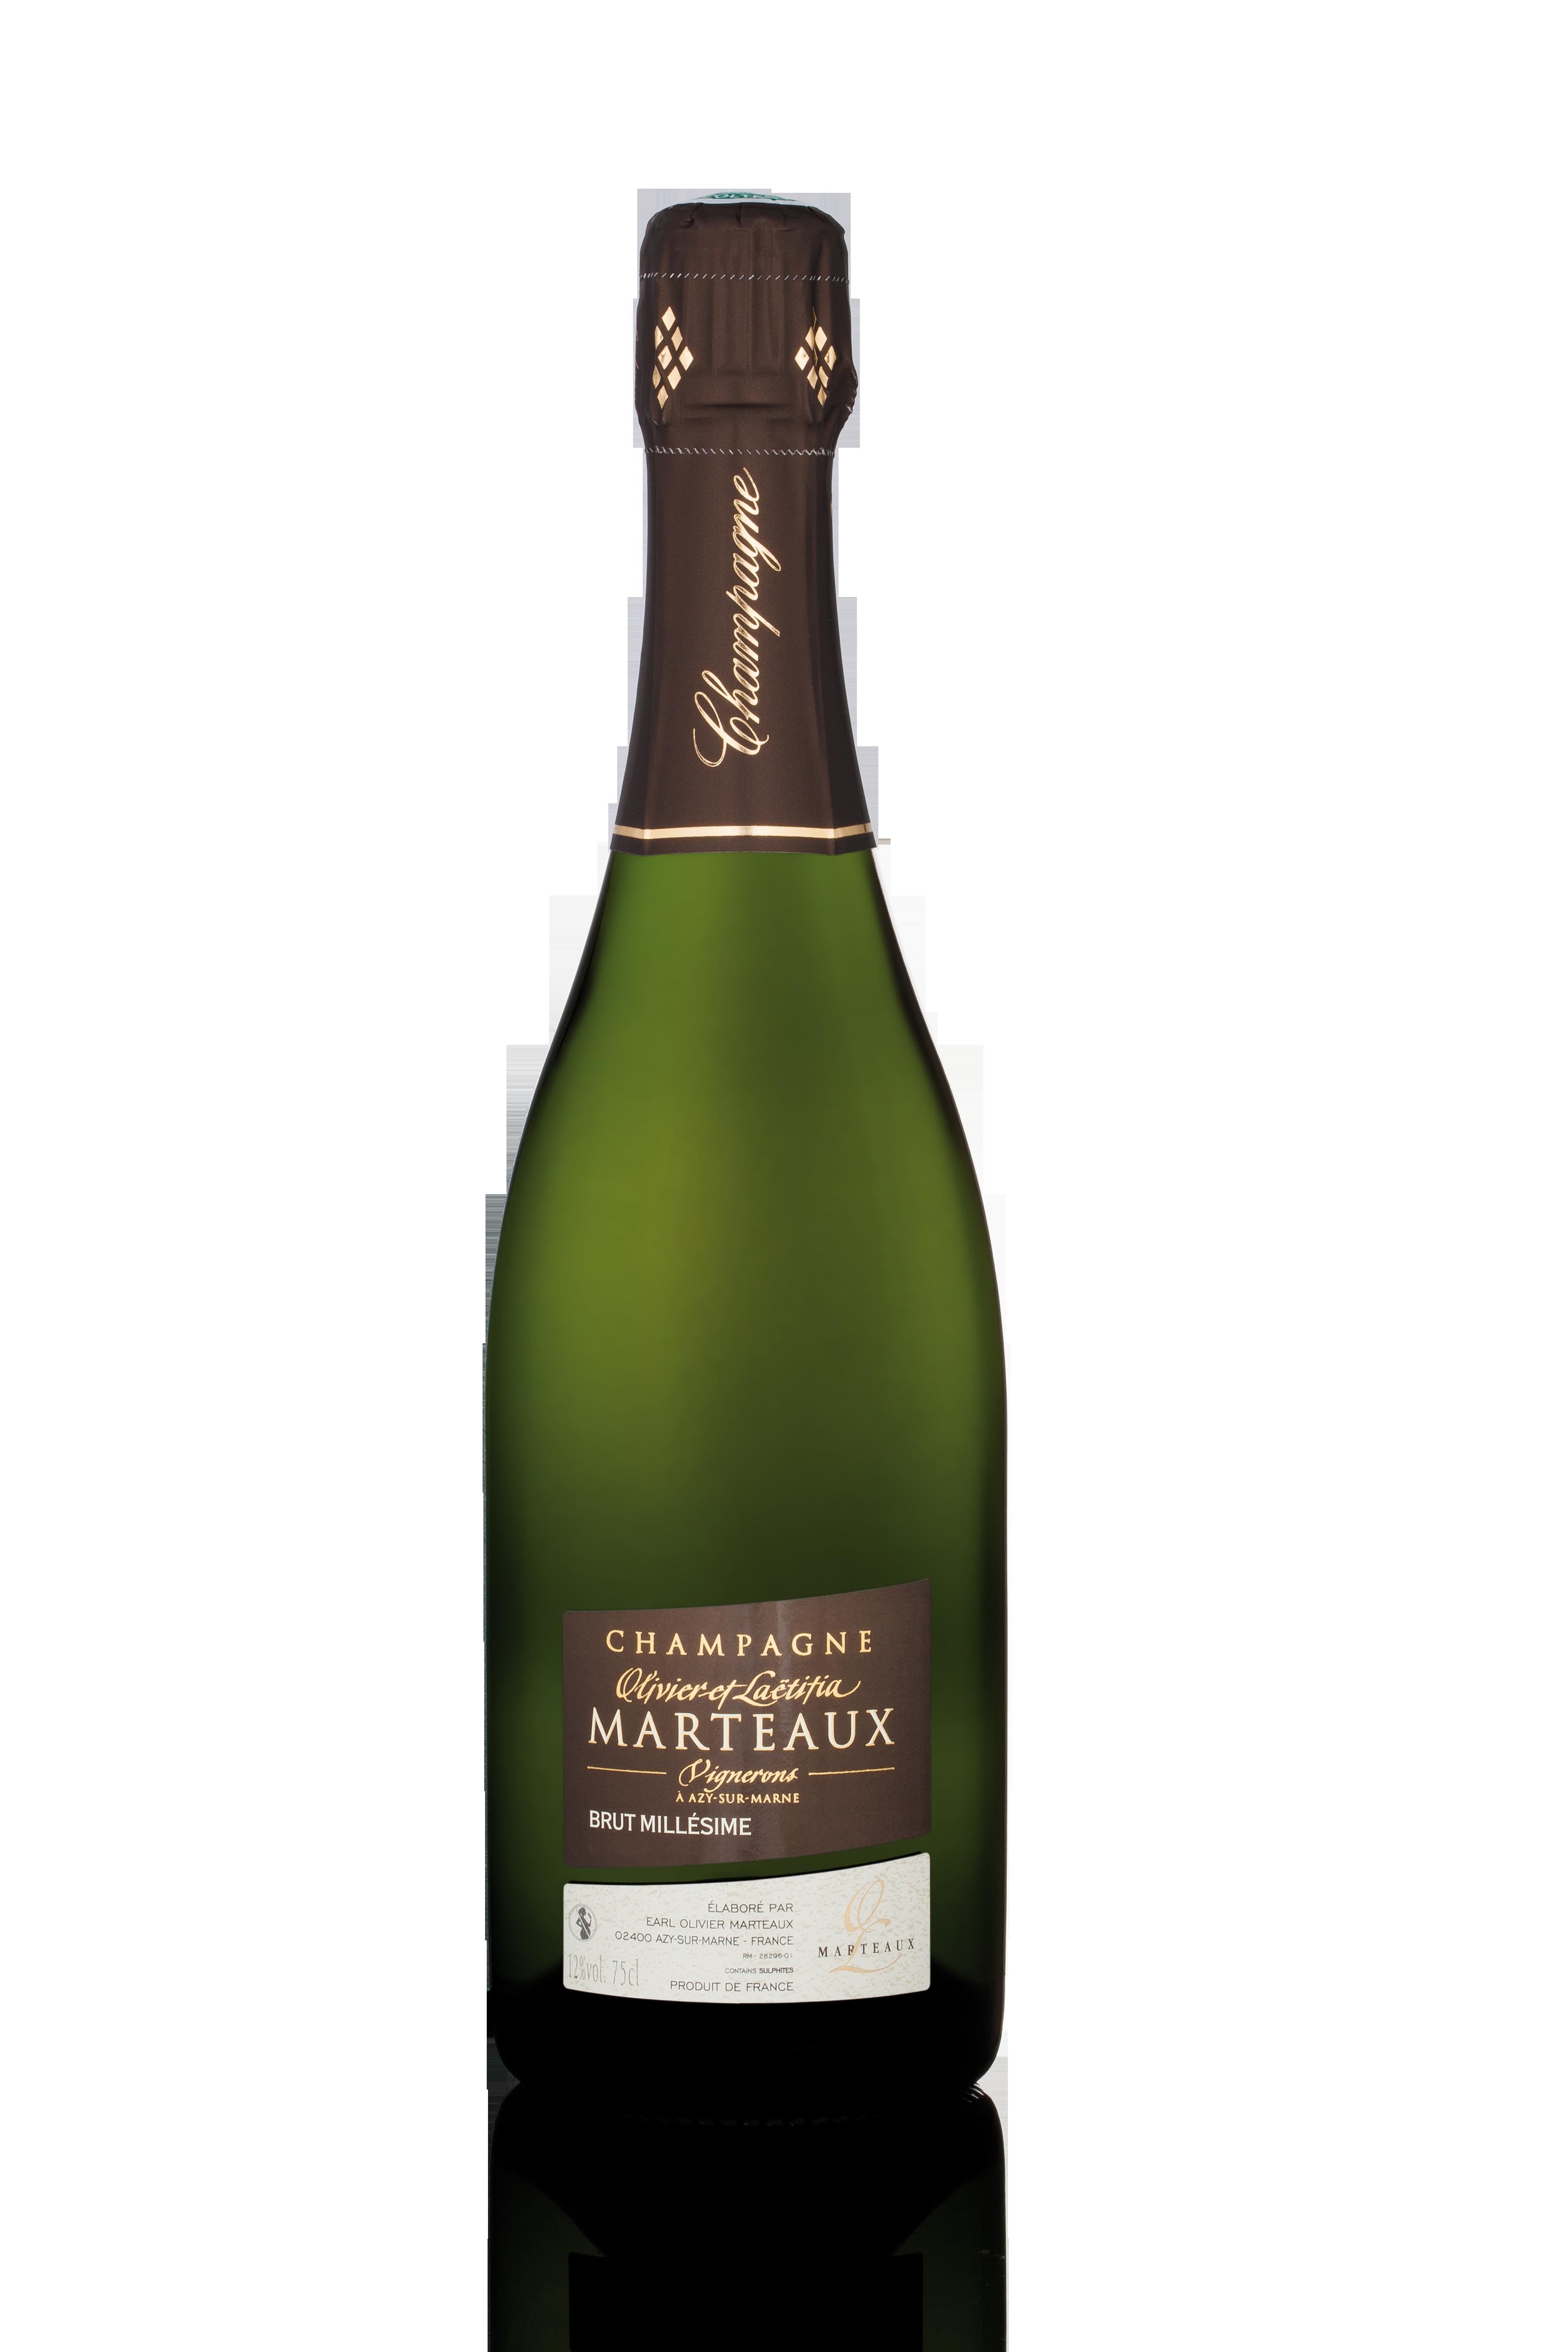 Champagne Brut Millésime 2008, Olivier et Laetitia Marteaux (75 cl)